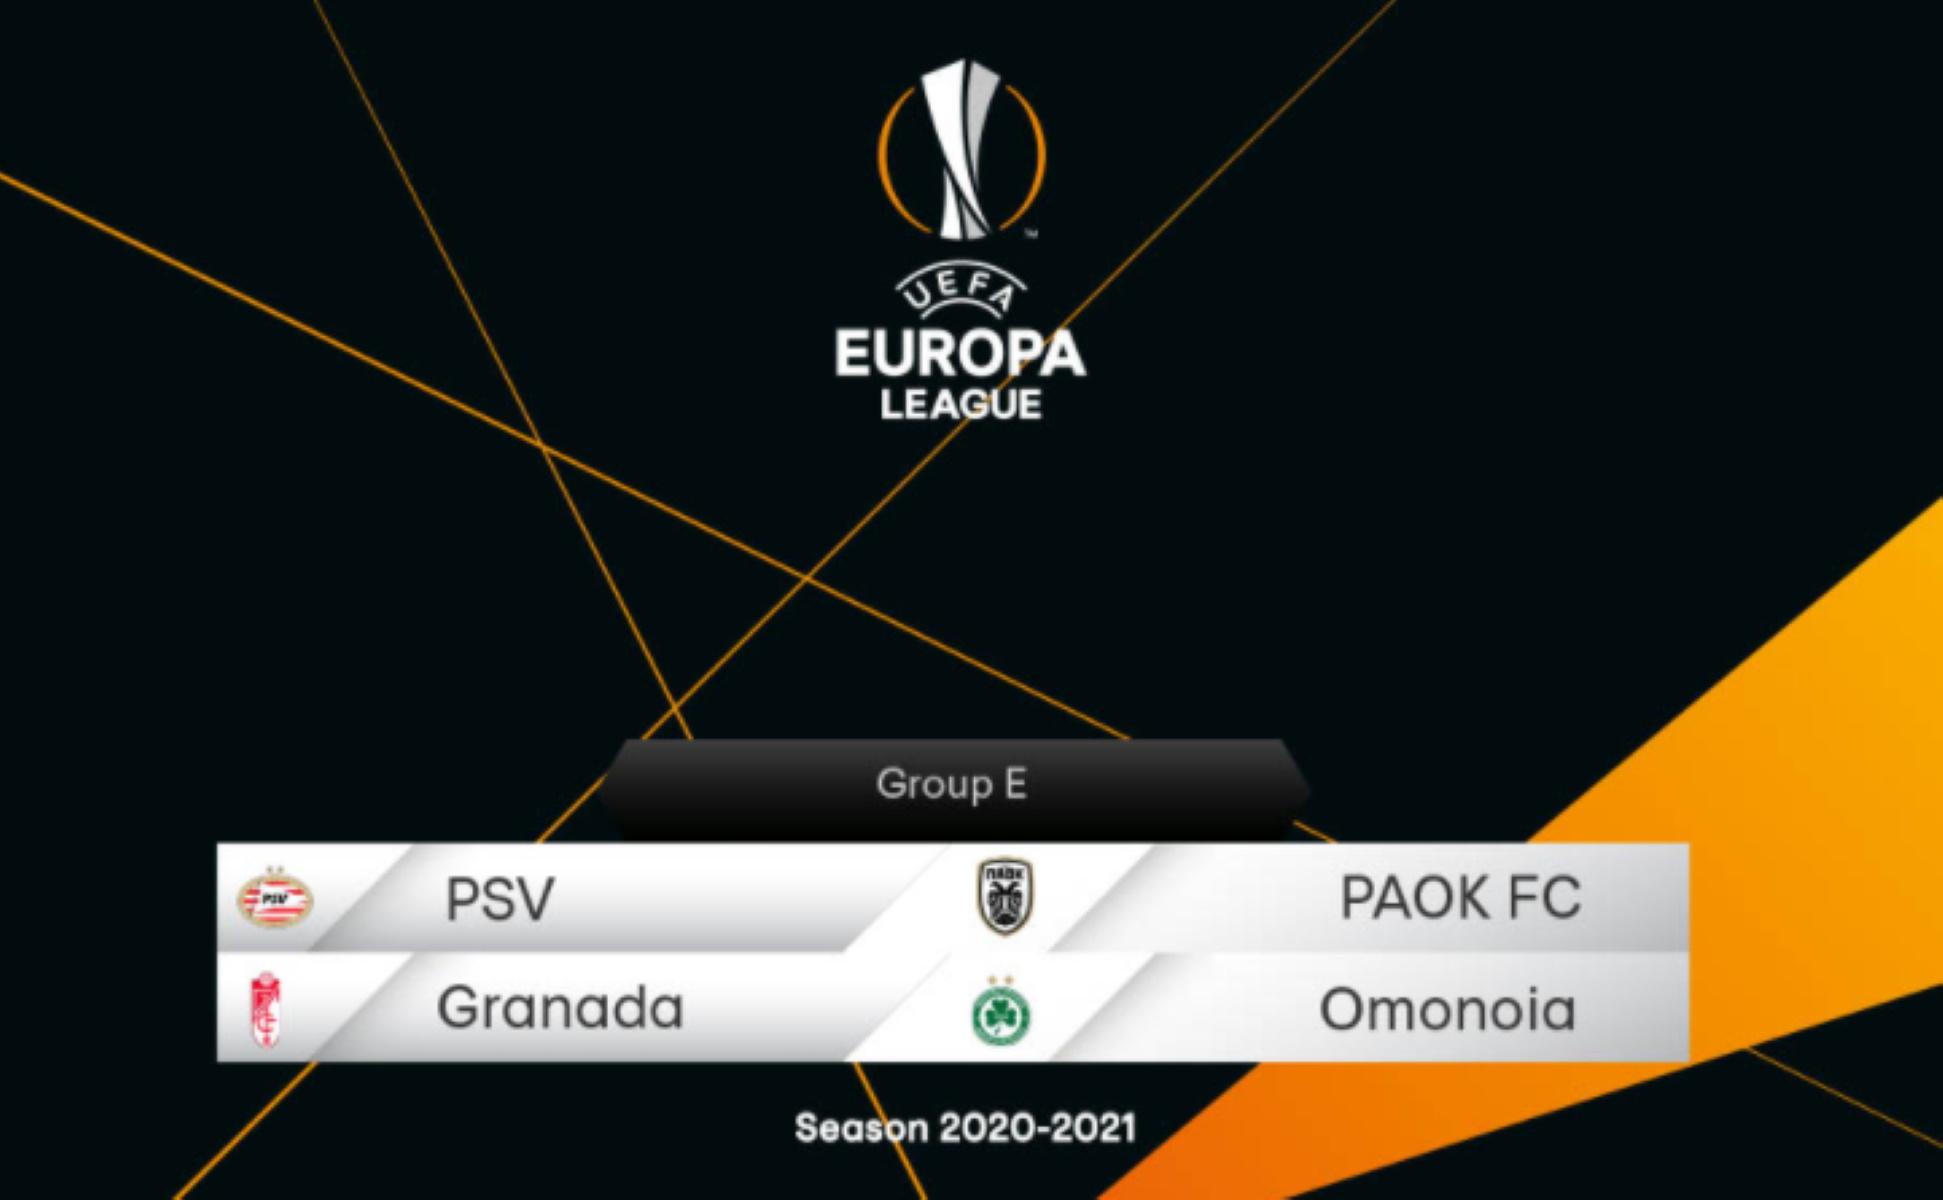 Το προφίλ των αντιπάλων του ΠΑΟΚ στο Europa League